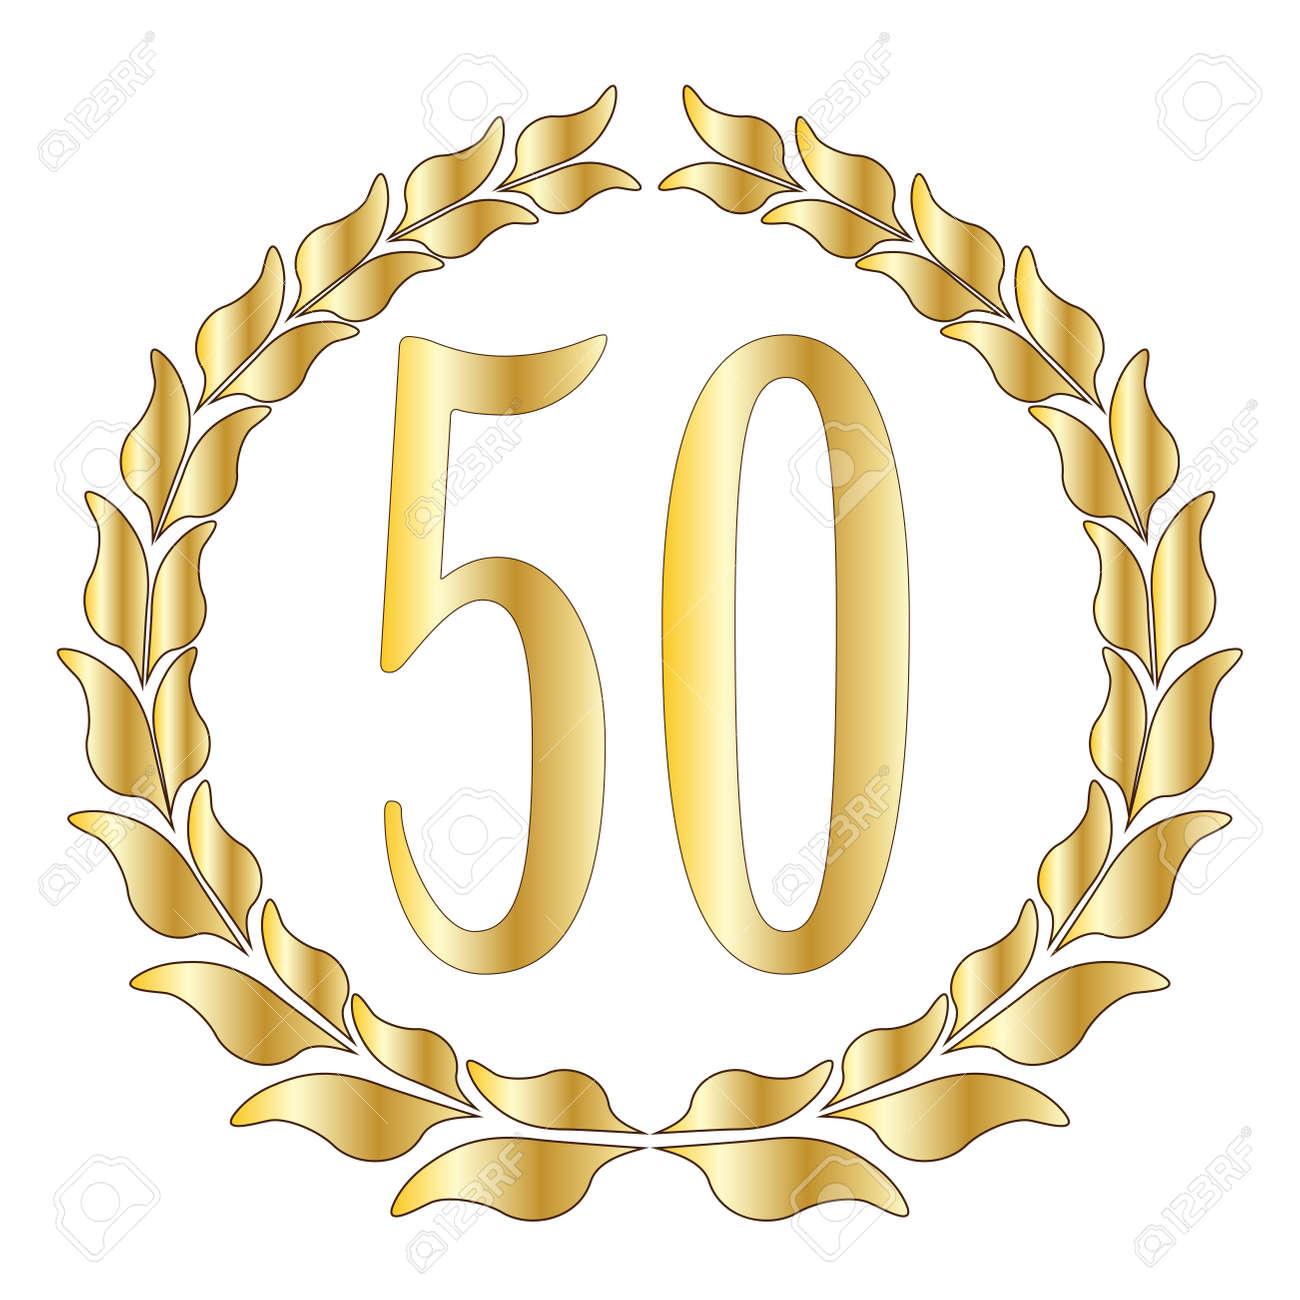 aniversario bodas oro Un símbolo de 50 años sobre un fondo blanco Vectores